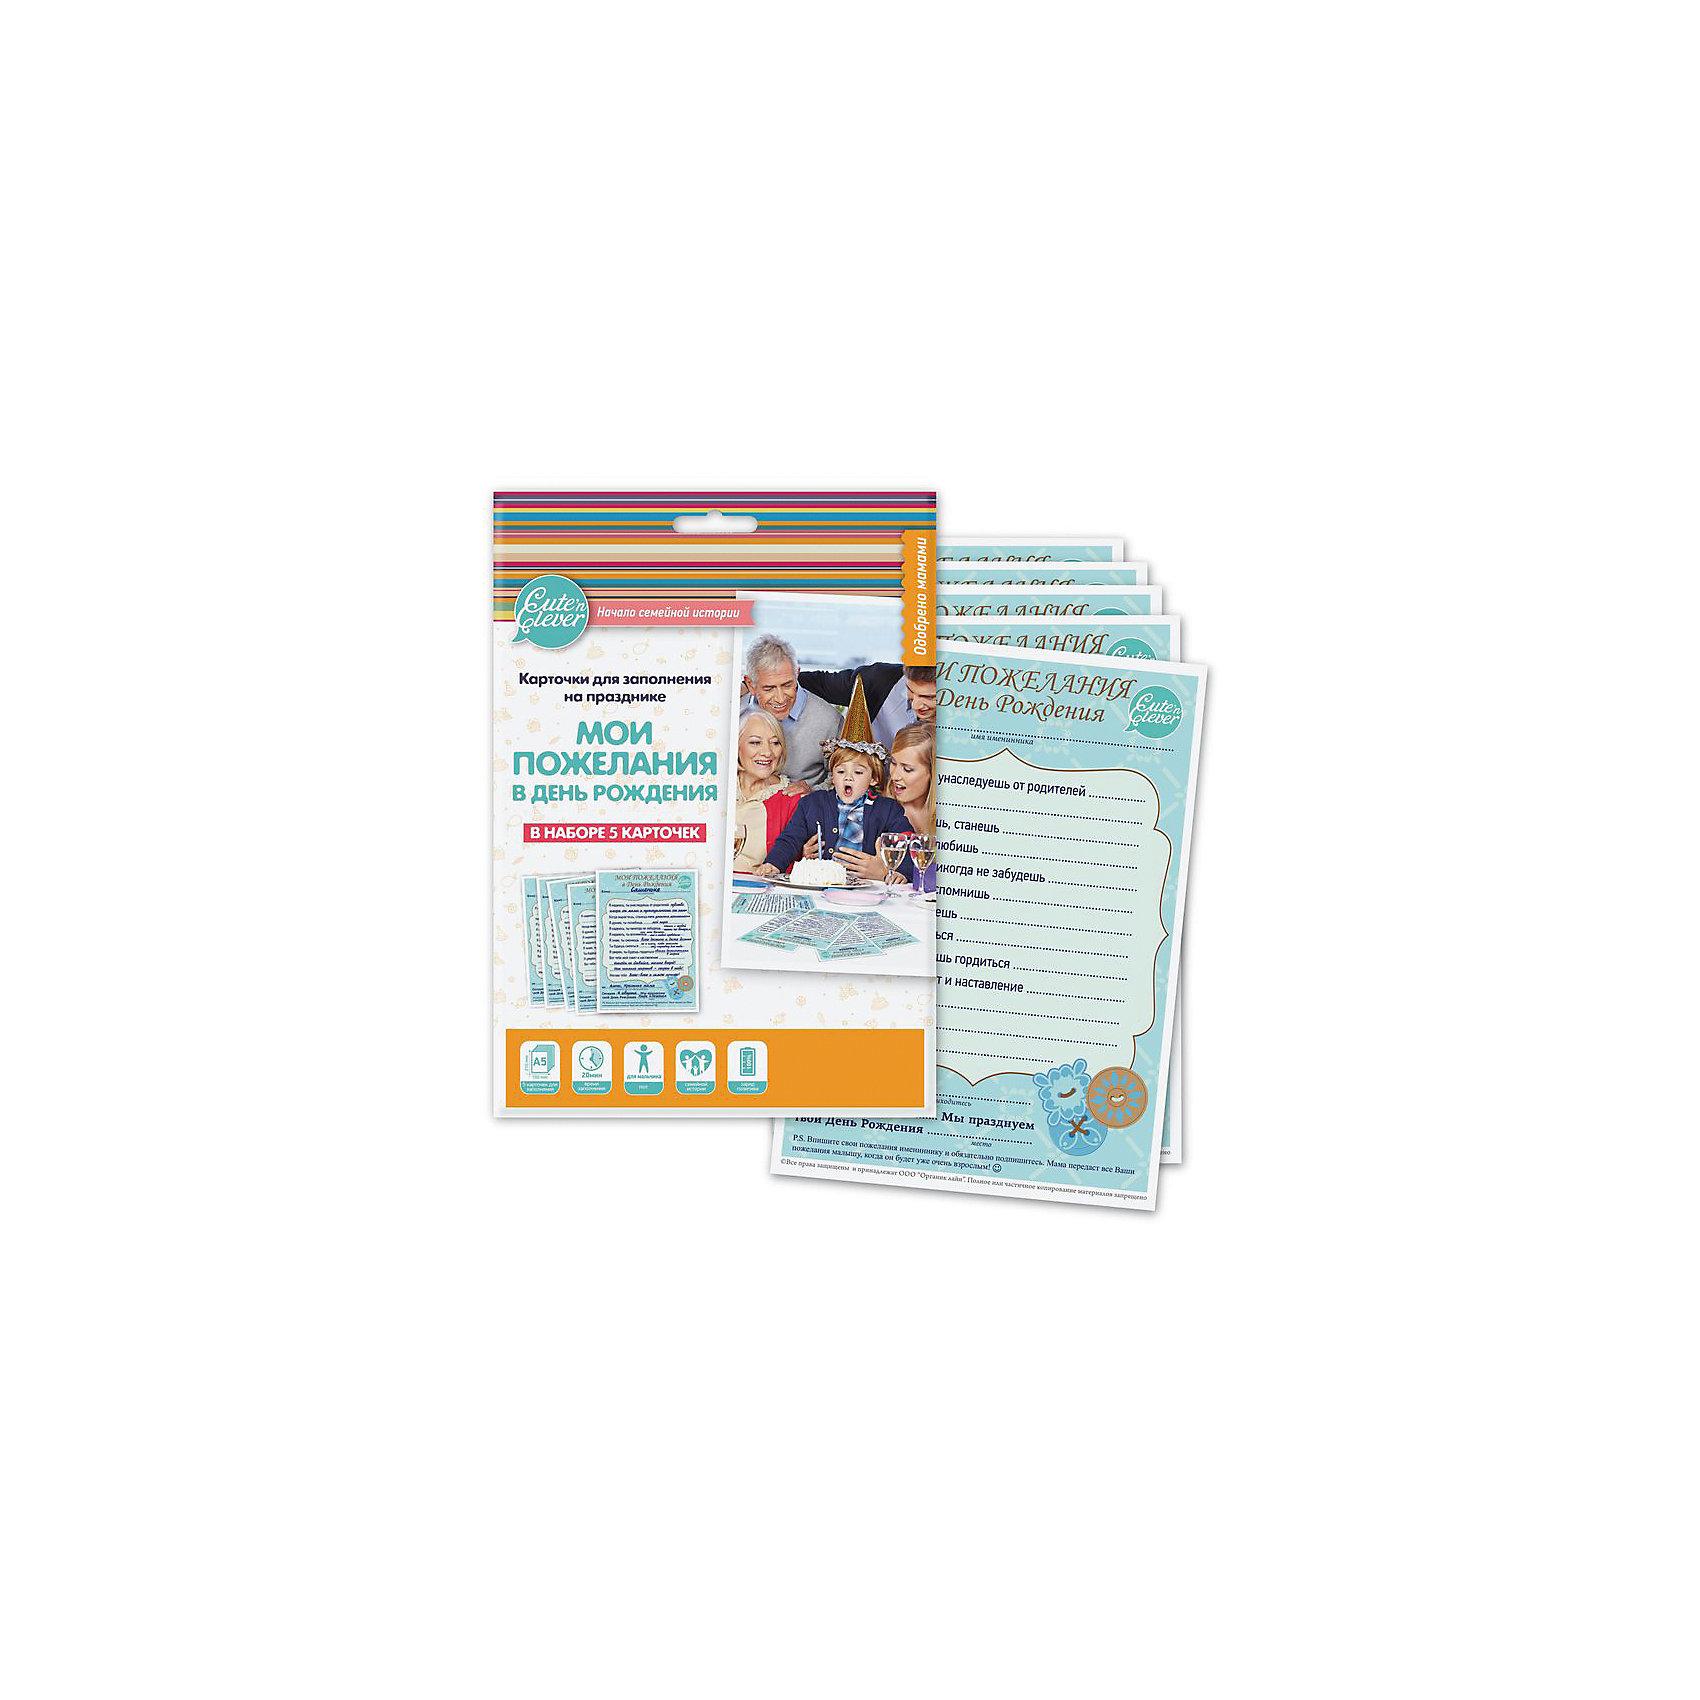 Интерактивные карточки Мои пожелания в День рождения. Для мальчиков, Cuten CleverПраздники<br>Интерактивные карточки Мои пожелания в День рождения. Для мальчиков, Cuten Clever.<br><br>Характеристики:<br><br>• В наборе: 5 карточек в конверте<br>• Материал: картон<br>• Цвет: голубой<br>• Размер упаковки: 17х26,5 см.<br><br>Хотите немного интерактива в День Рождения? Предлагаем Вам замечательные карточки Мои Пожелания в День Рождения. Для мальчика. Эти карточки следует раздать гостям на празднике для заполнения и вместо банальных поздравлений, у малыша будут оригинальные и интересные пожелания на будущее. Гости предположат, кем малыш сможет стать, когда вырастет, чего он сможет достичь и т.д. <br><br>Перечень пожеланий начинается с фразы, напечатанной заранее. Нужно только продолжить фразу на отведенных для этого линиях. На карточках есть место для даты события, имени именинника и гостя, который пишет поздравление. Очень забавно будет перечитать пророчества гостей и увидеть, что сбылось, когда вашему мальчику исполнится 25 лет!<br><br>Интерактивные карточки Мои пожелания в День рождения. Для мальчиков, Cuten Clever можно купить в нашем интернет-магазине.<br><br>Ширина мм: 265<br>Глубина мм: 170<br>Высота мм: 50<br>Вес г: 50<br>Возраст от месяцев: 36<br>Возраст до месяцев: 2147483647<br>Пол: Мужской<br>Возраст: Детский<br>SKU: 5454165